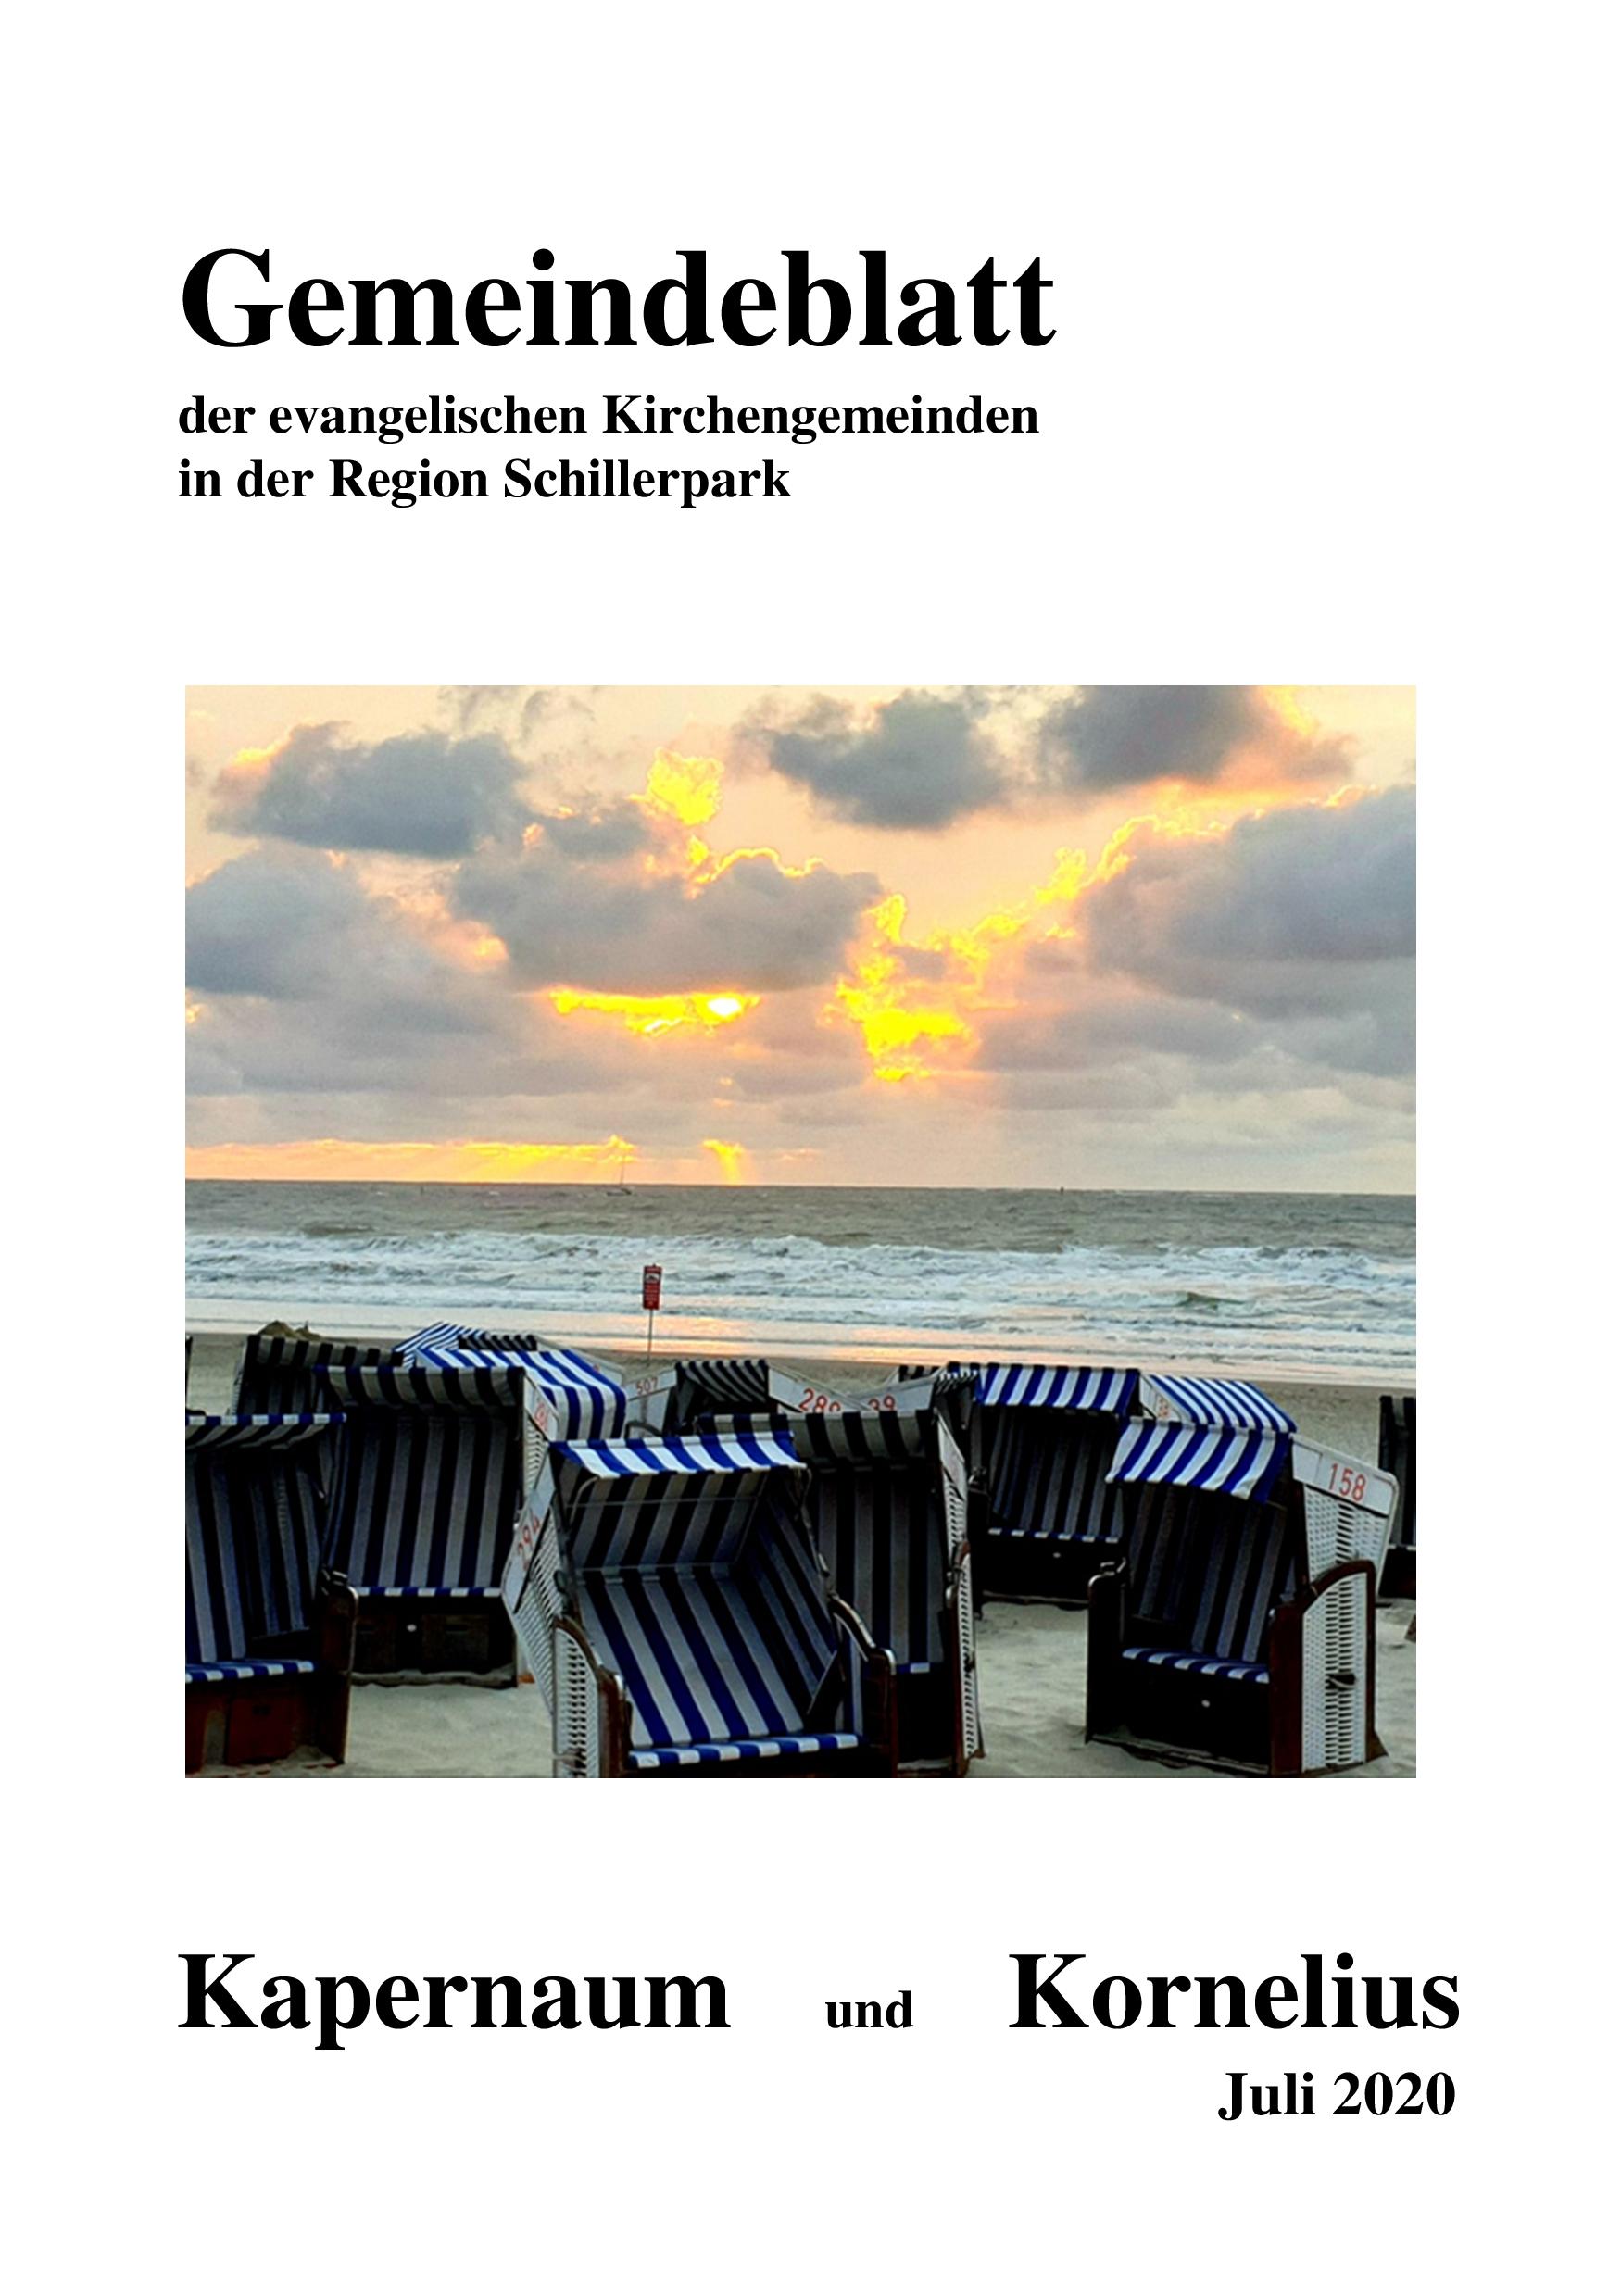 Gemeindeblatt 07-2020 jetzt online